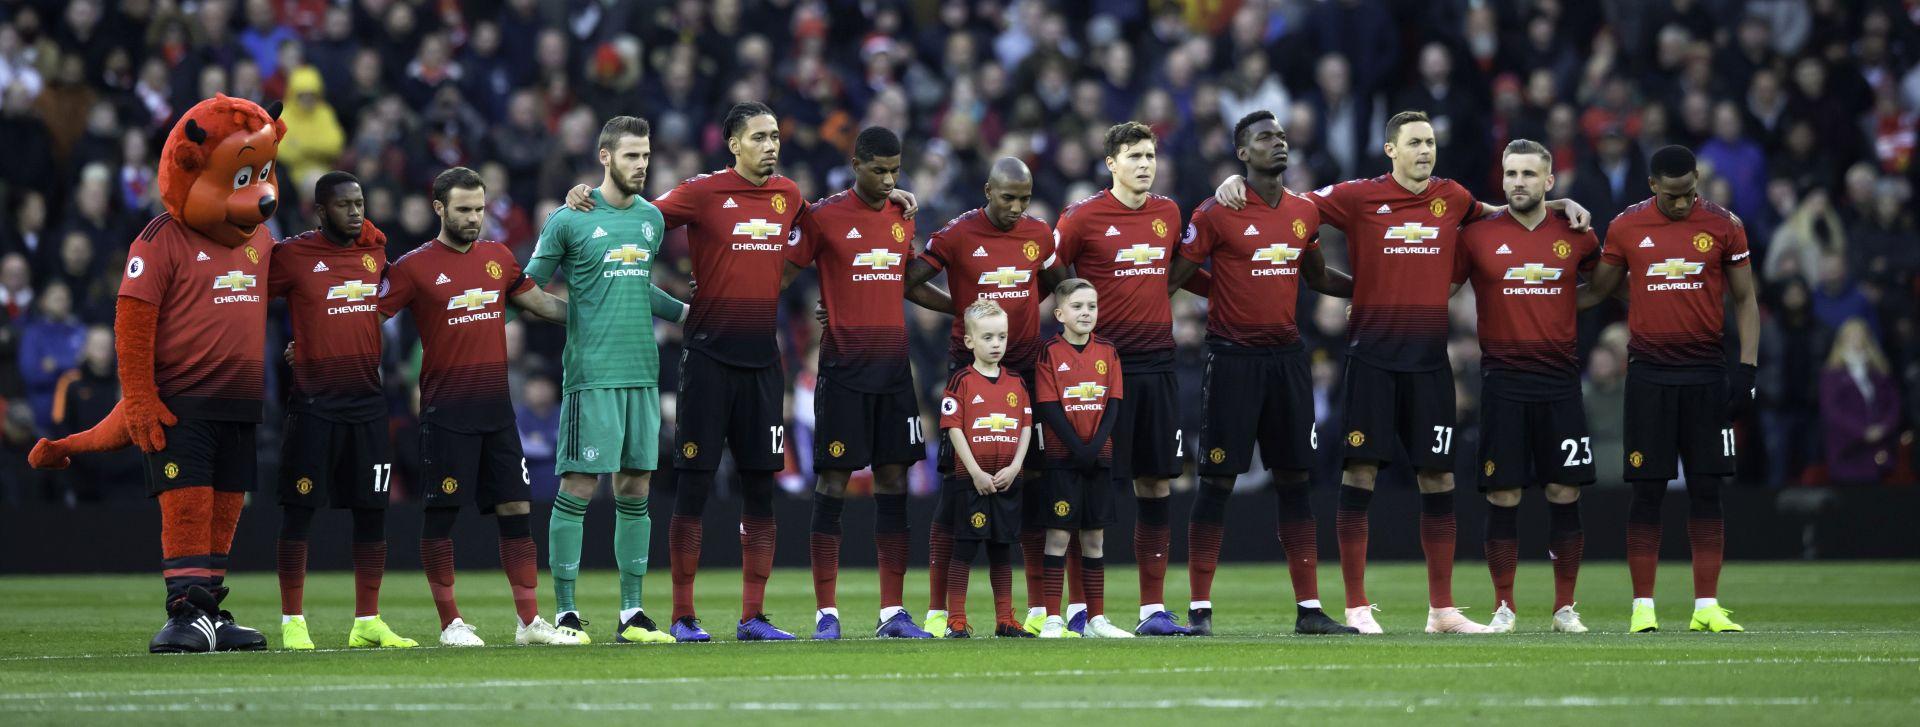 Rashford donio pobjedu Unitedu u sudačkoj nadoknadi